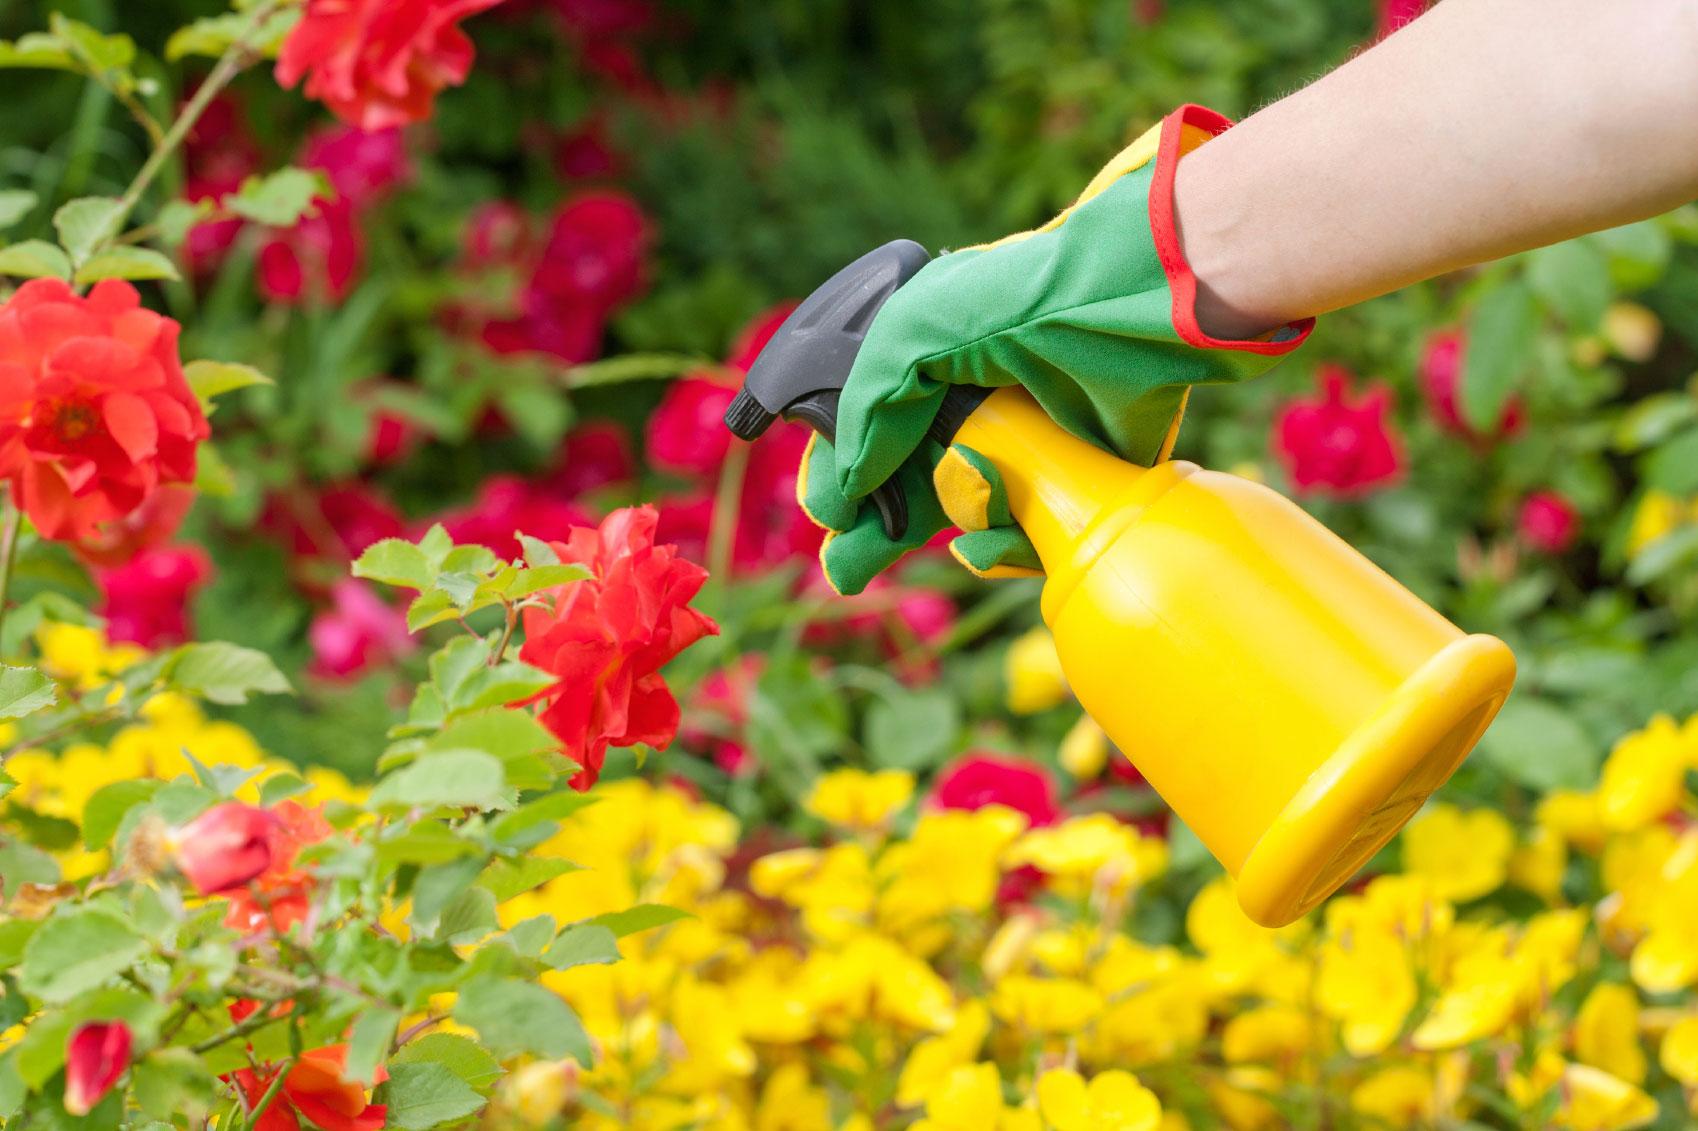 Anche chi vive nelle aree urbane è esposto  a miscele di pesticidi potenzialmente cancerogeni e molto pericolosi per la salute